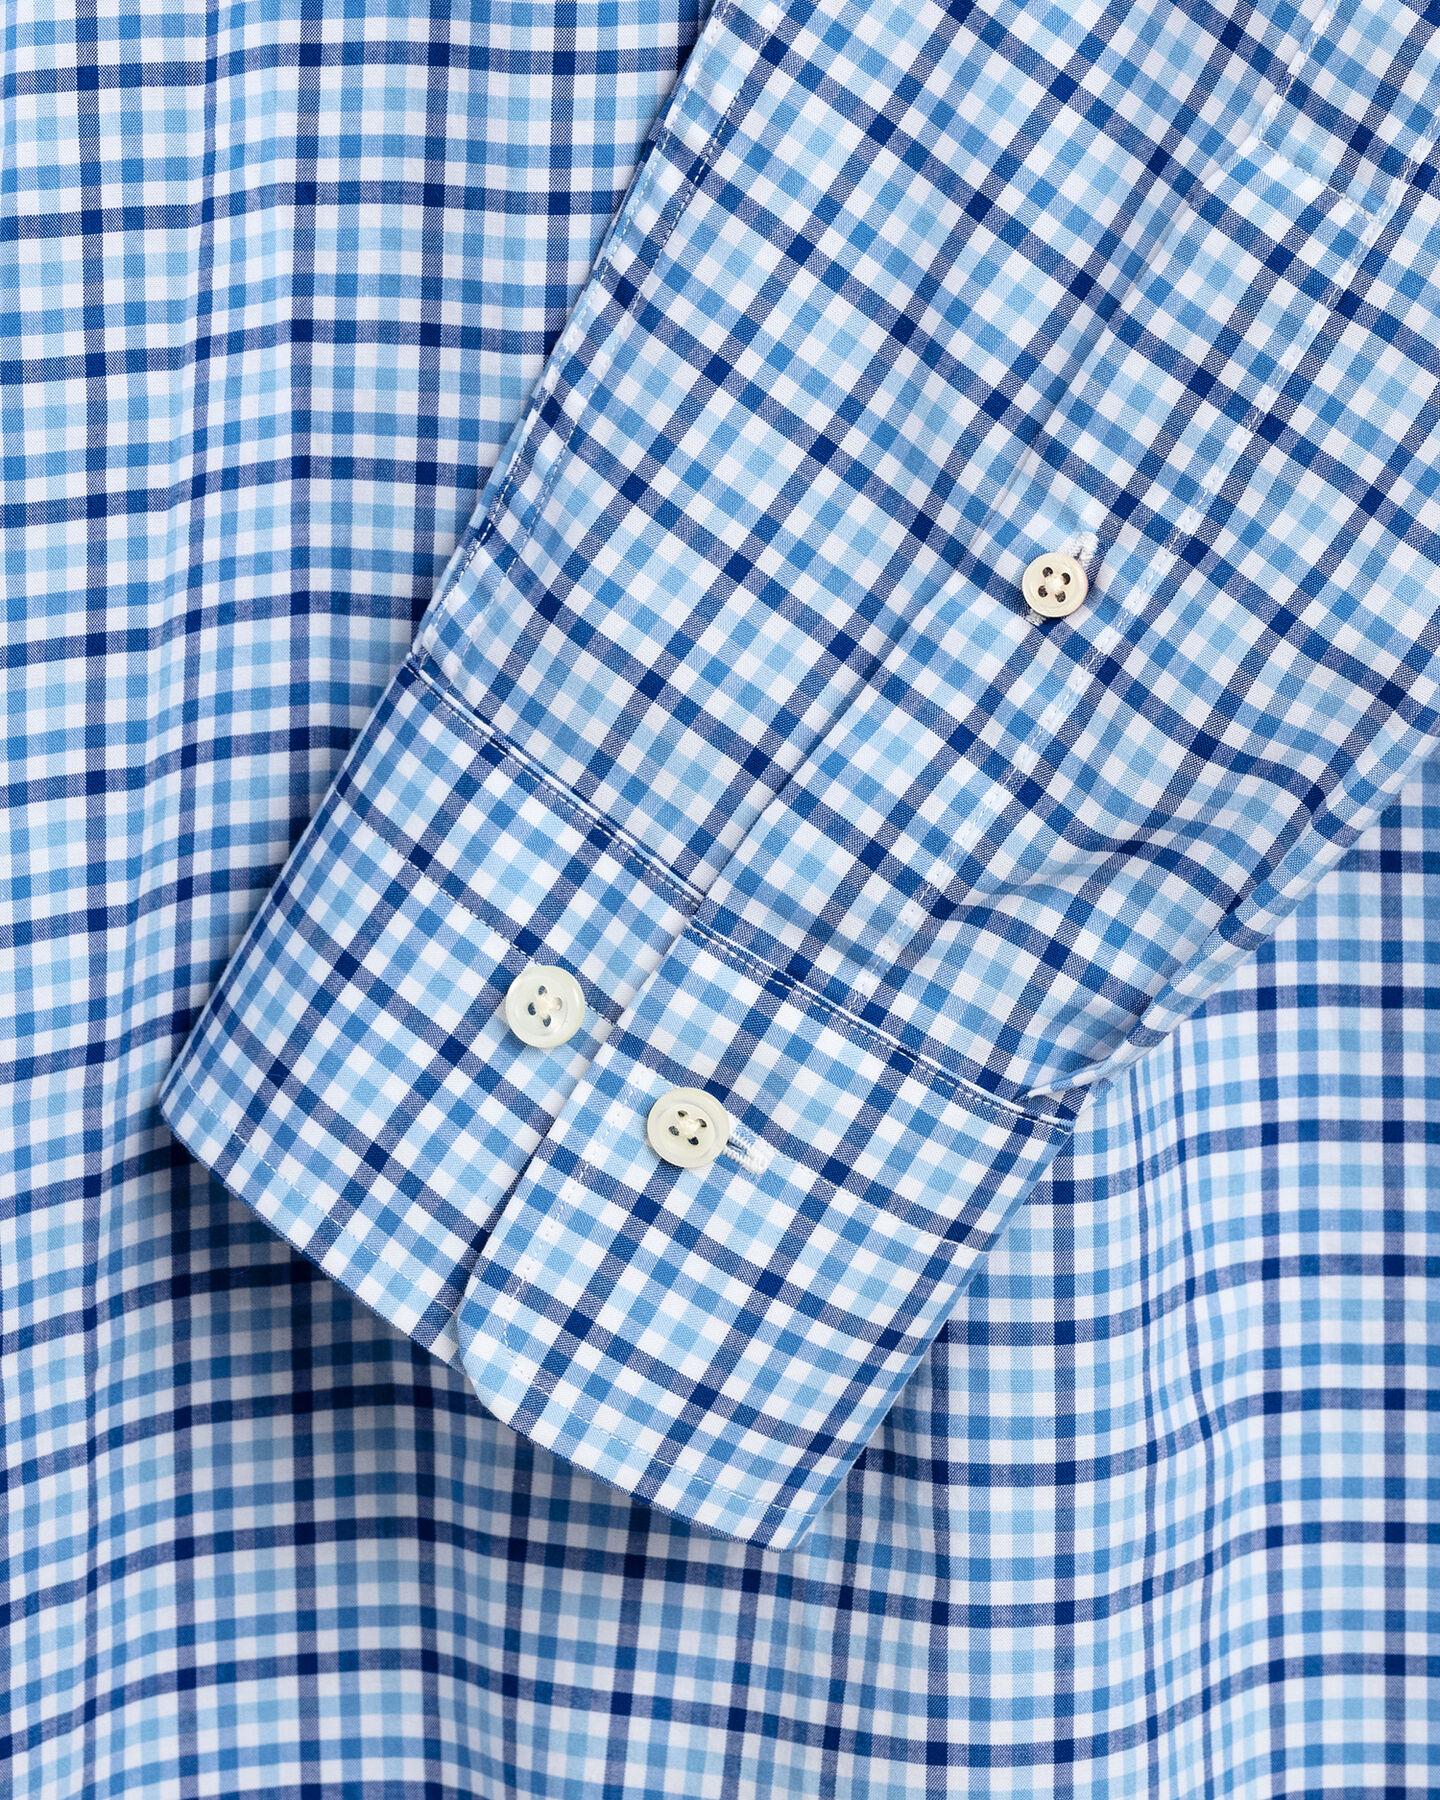 Regular fit trefärgad ginghamvävd poplinskjorta